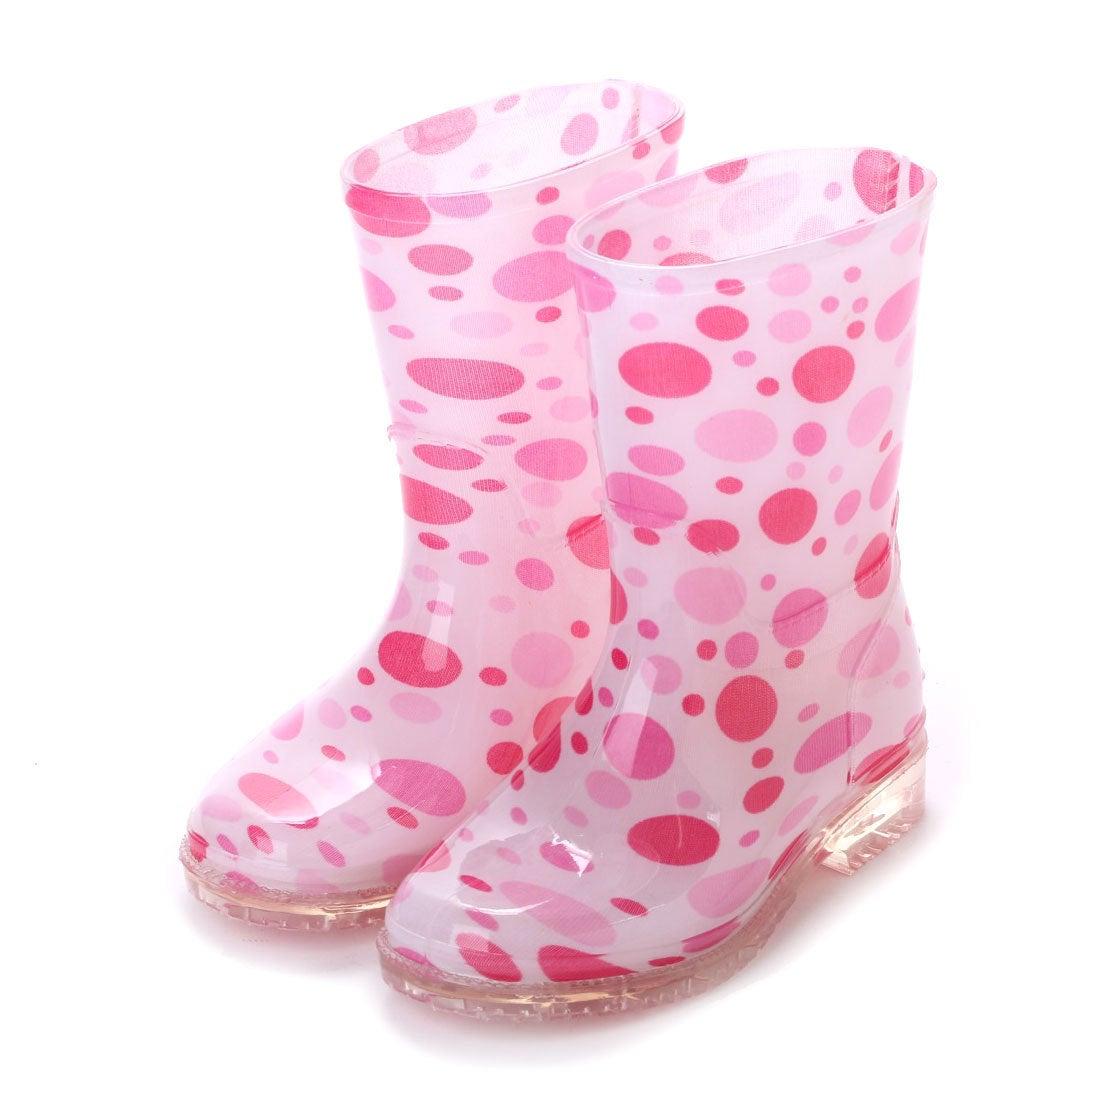 ロコンド 靴とファッションの通販サイトケーズプラス K's PLUS かわいい シャワー ドット レインシューズ